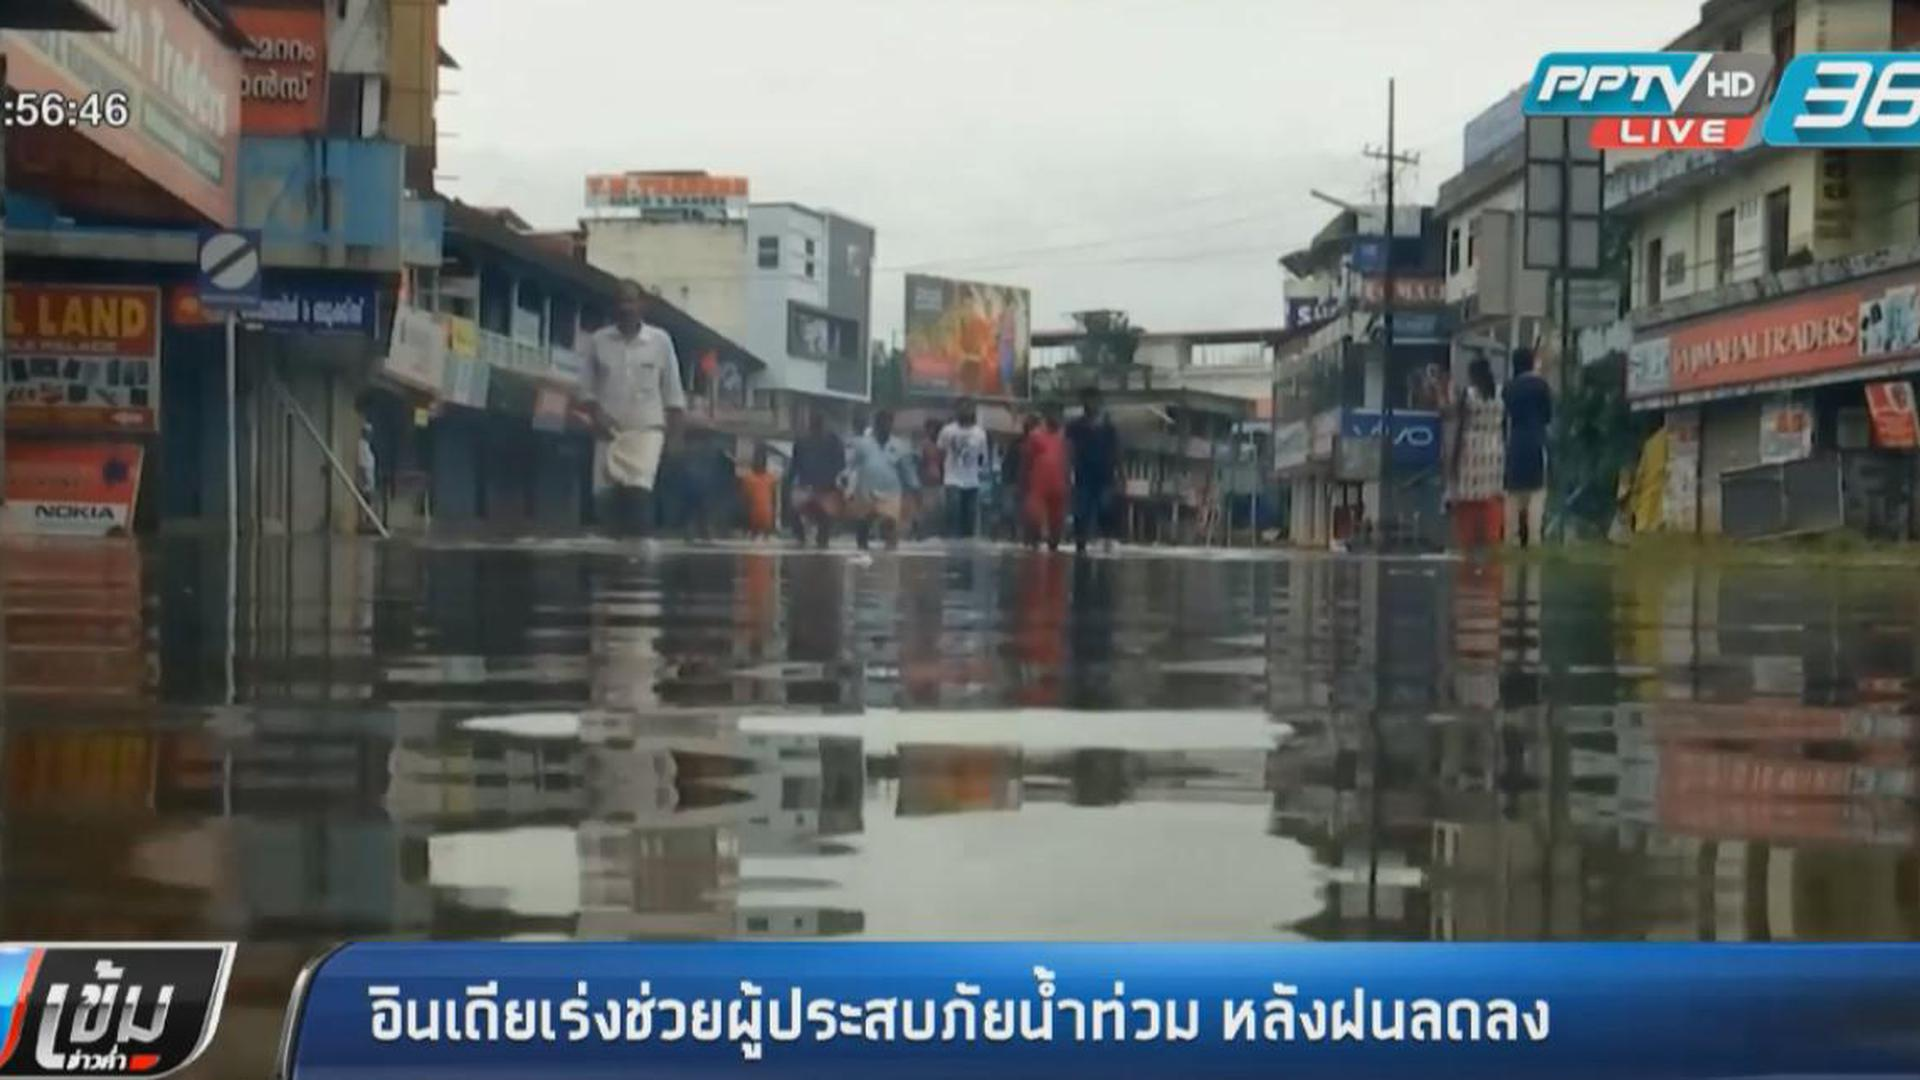 """""""อินเดีย"""" เร่งช่วยผู้ประสบภัยน้ำท่วม หลังฝนลดลง"""